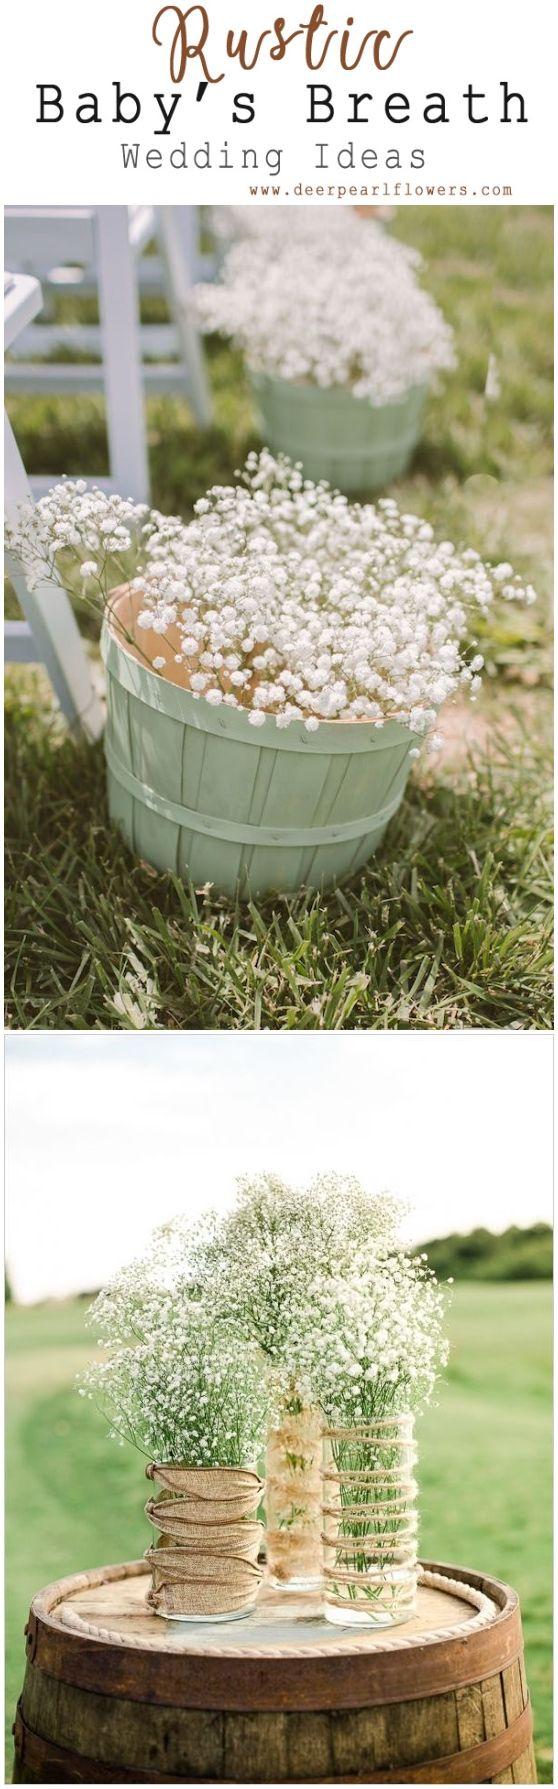 Farm wedding decor ideas   Babyus Breath Wedding Ideas for Rustic Weddings  Wedding plans